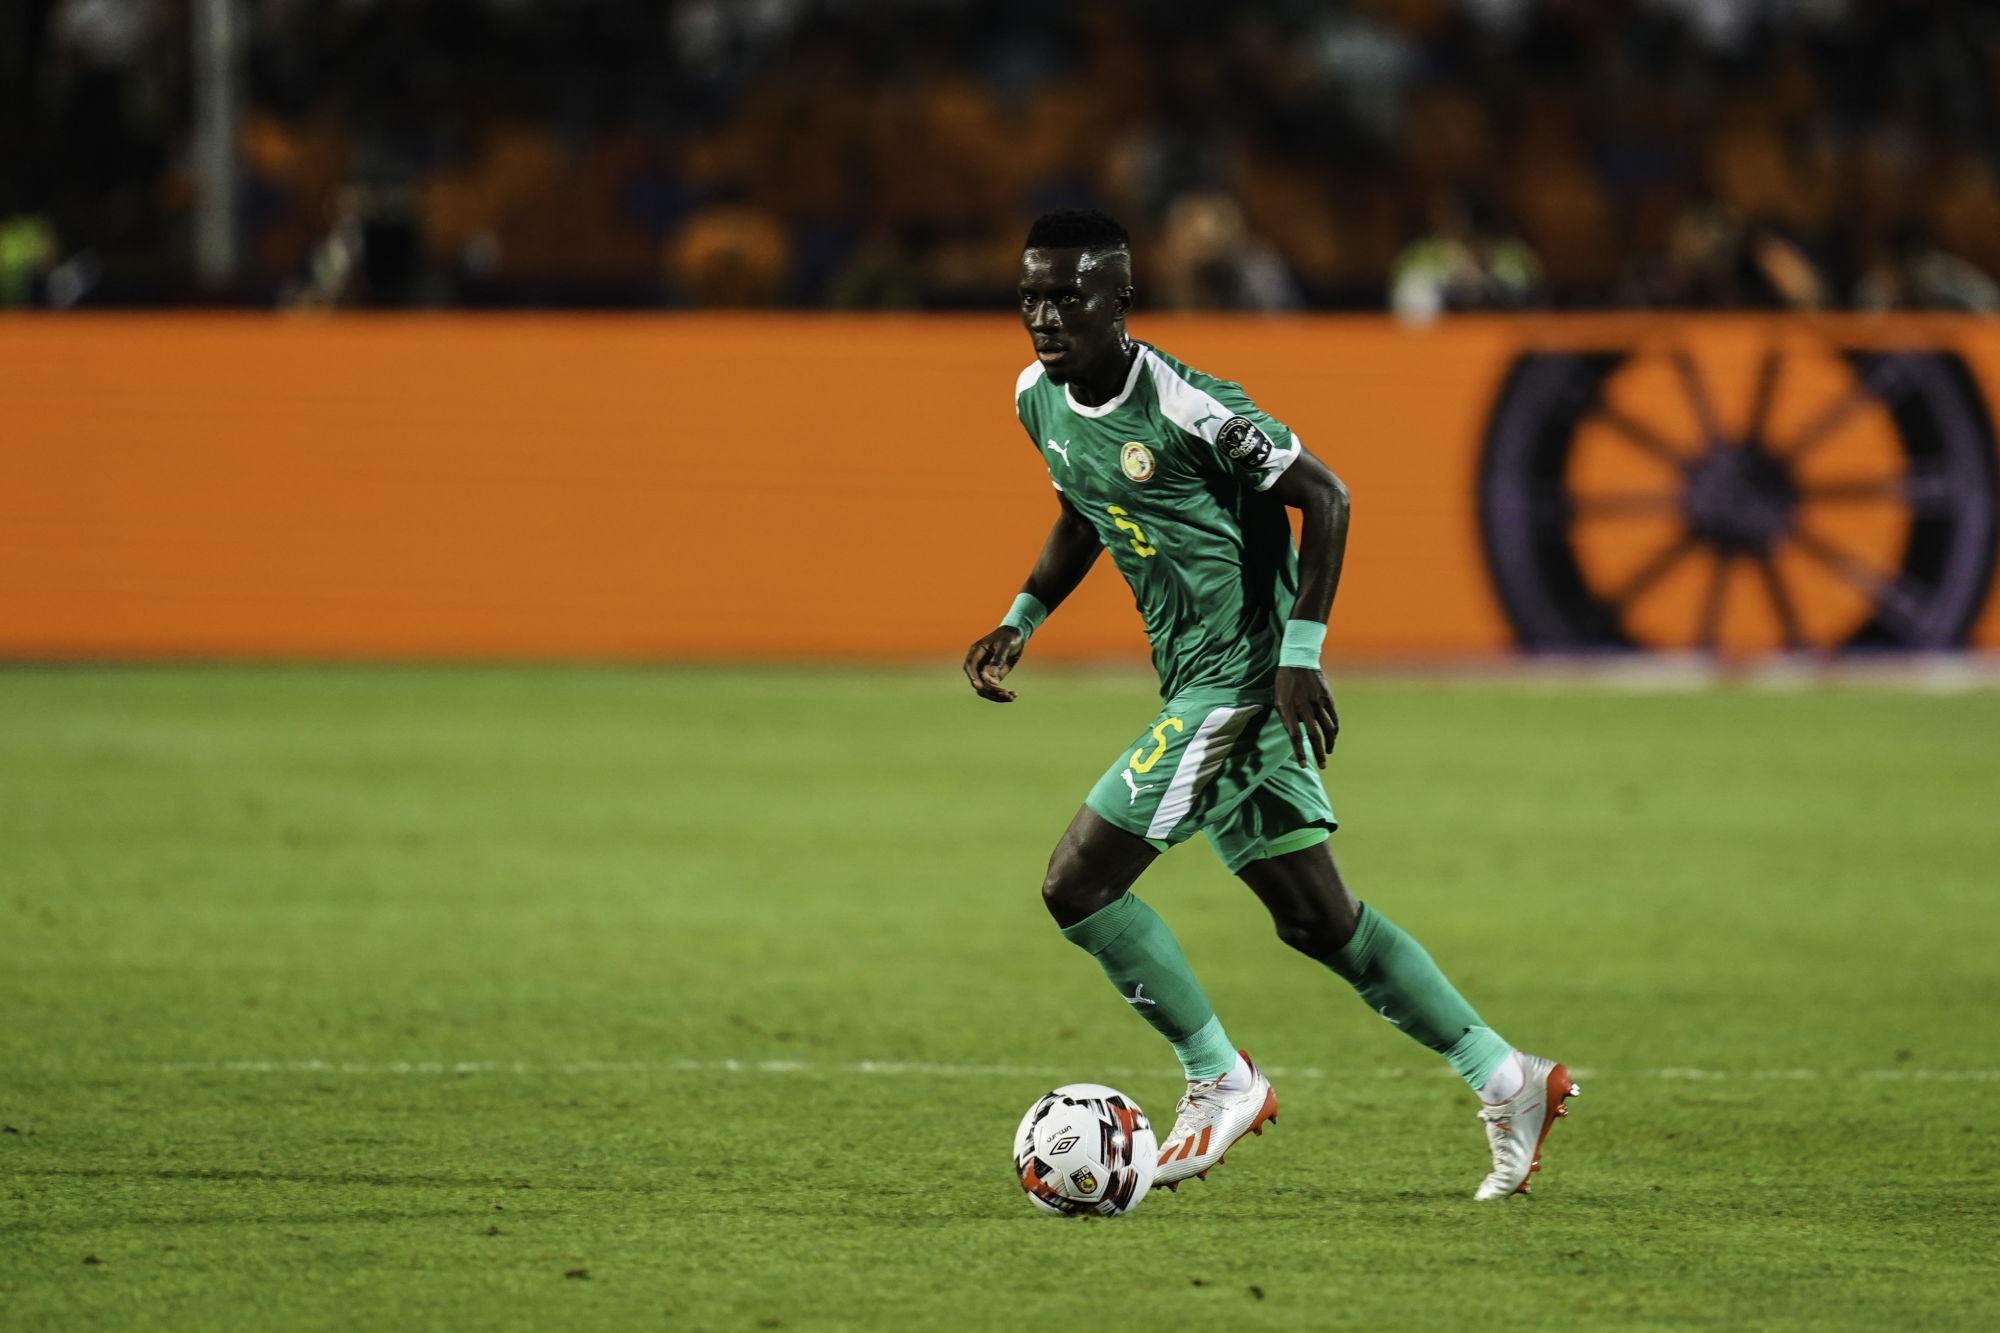 Le staff du Sénégal rassure à propos de la blessure de Gueye